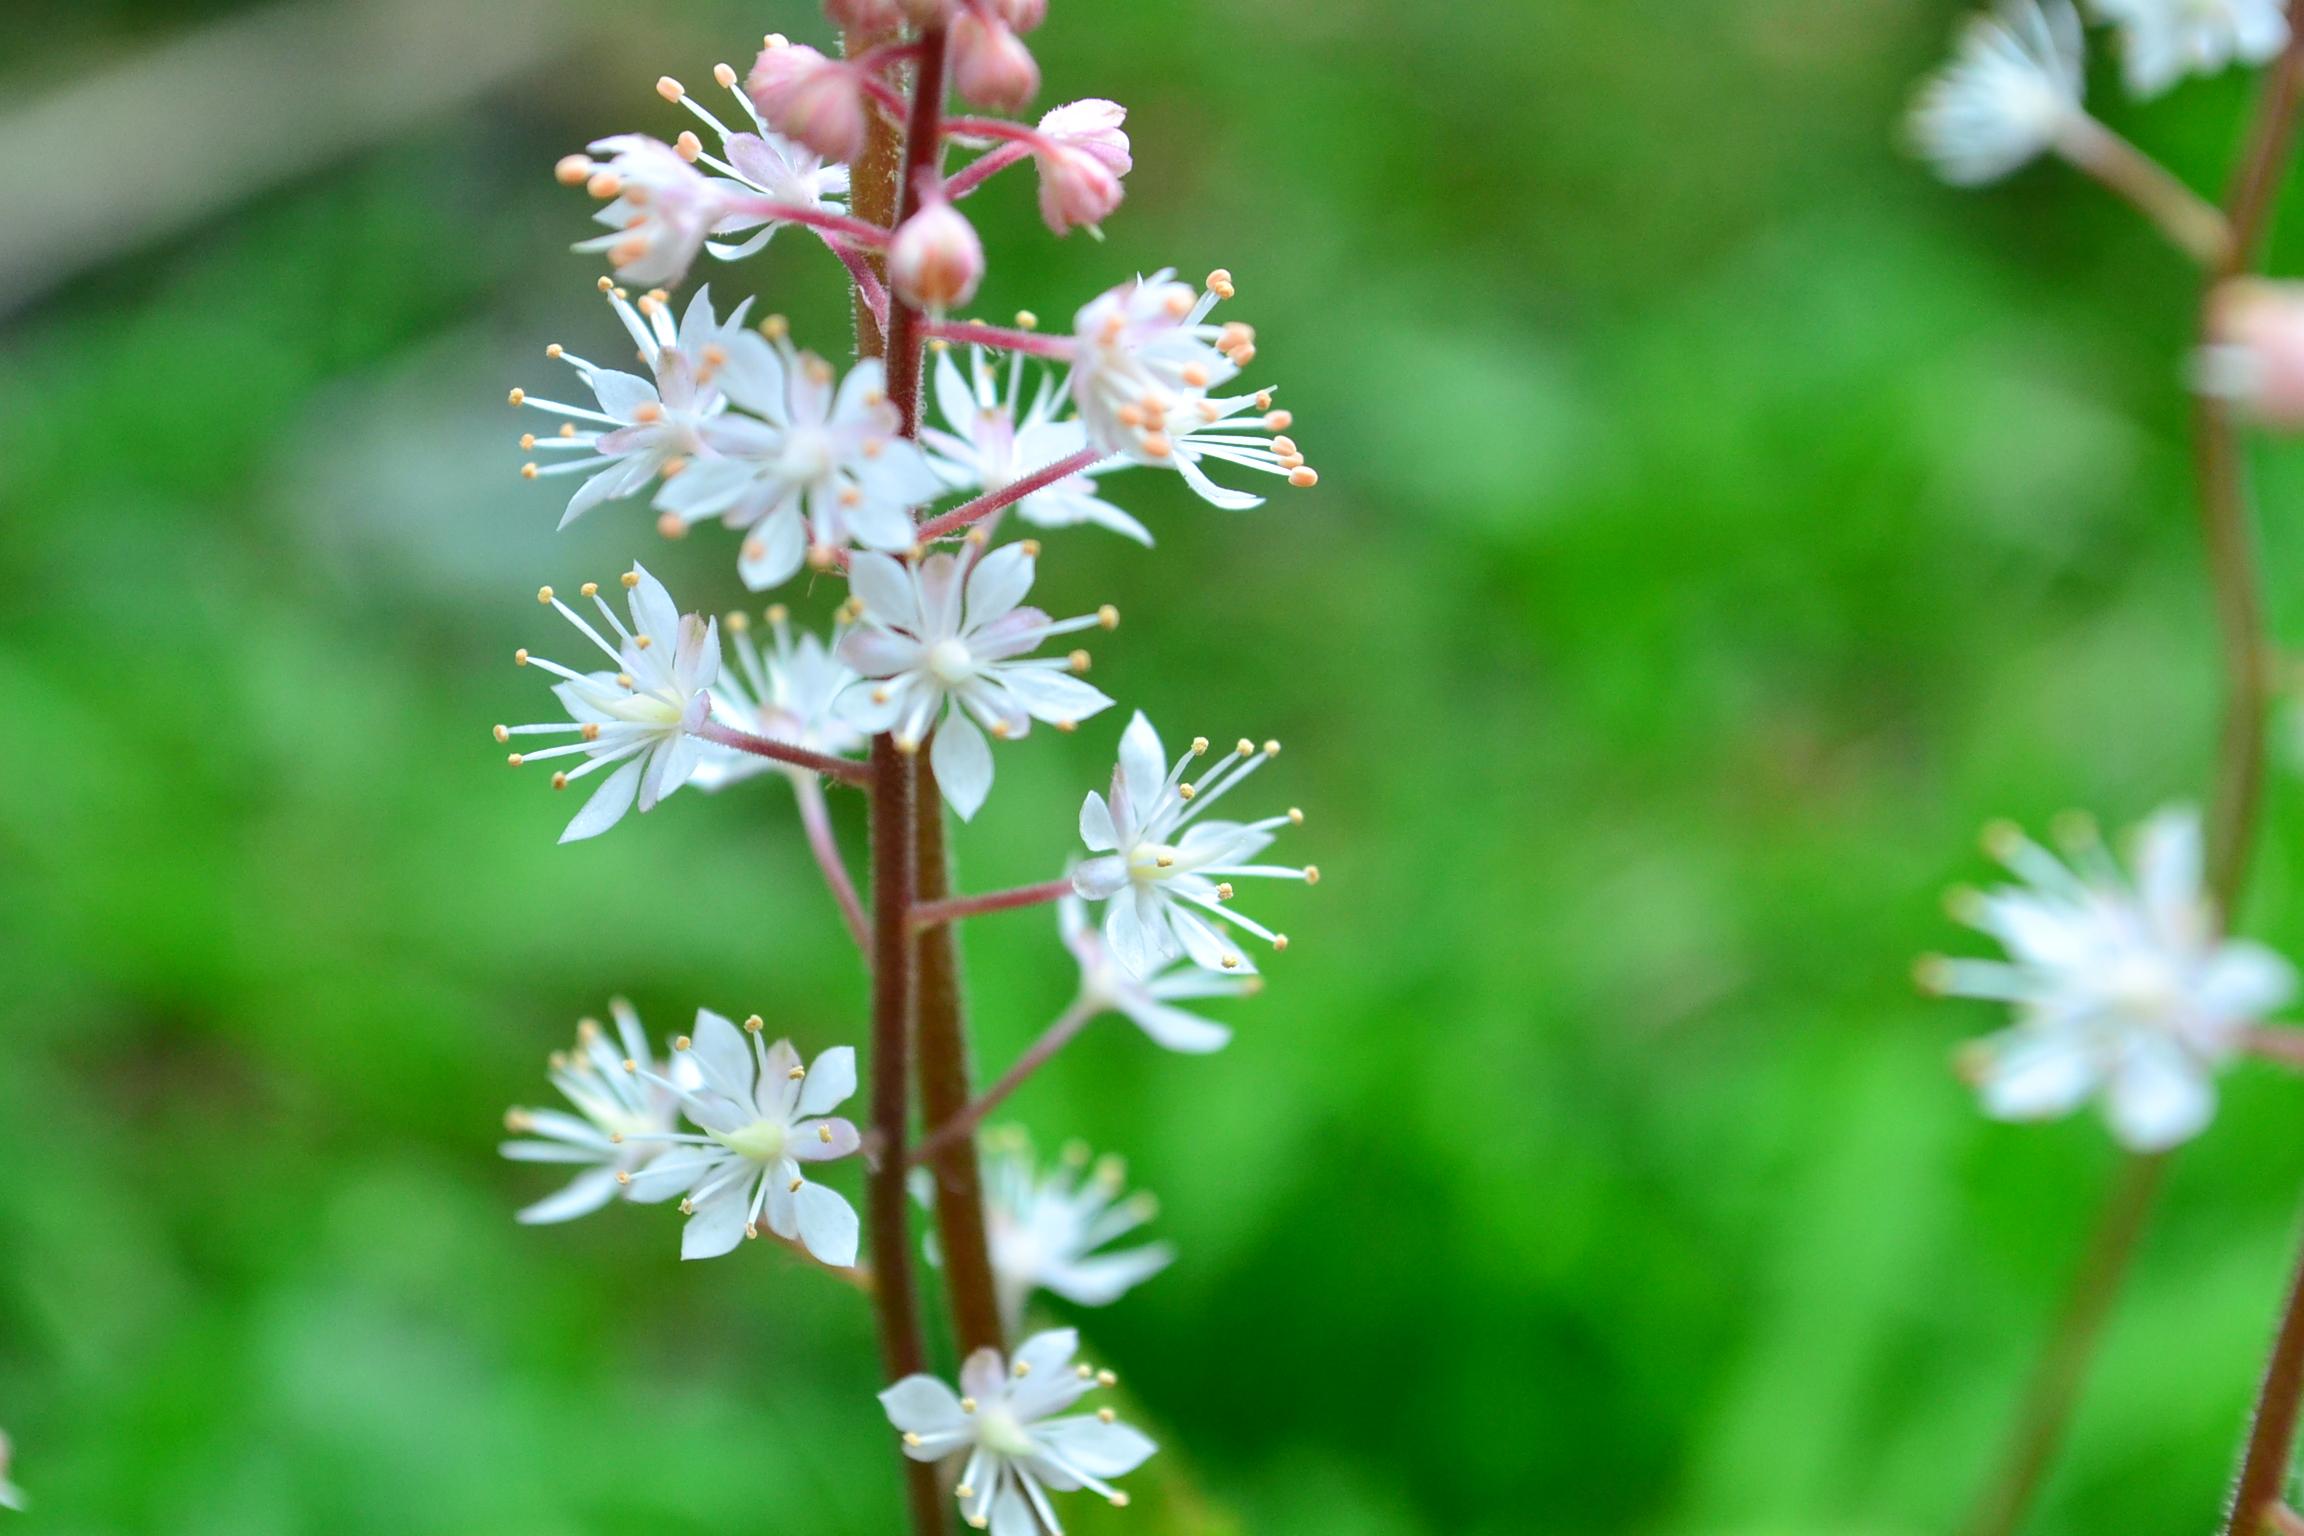 おしべはひとつの花に10本。散らばったようについていて、ひとつひとつは小さい花ですが花火みたいな華やかさ。かわいい花です。